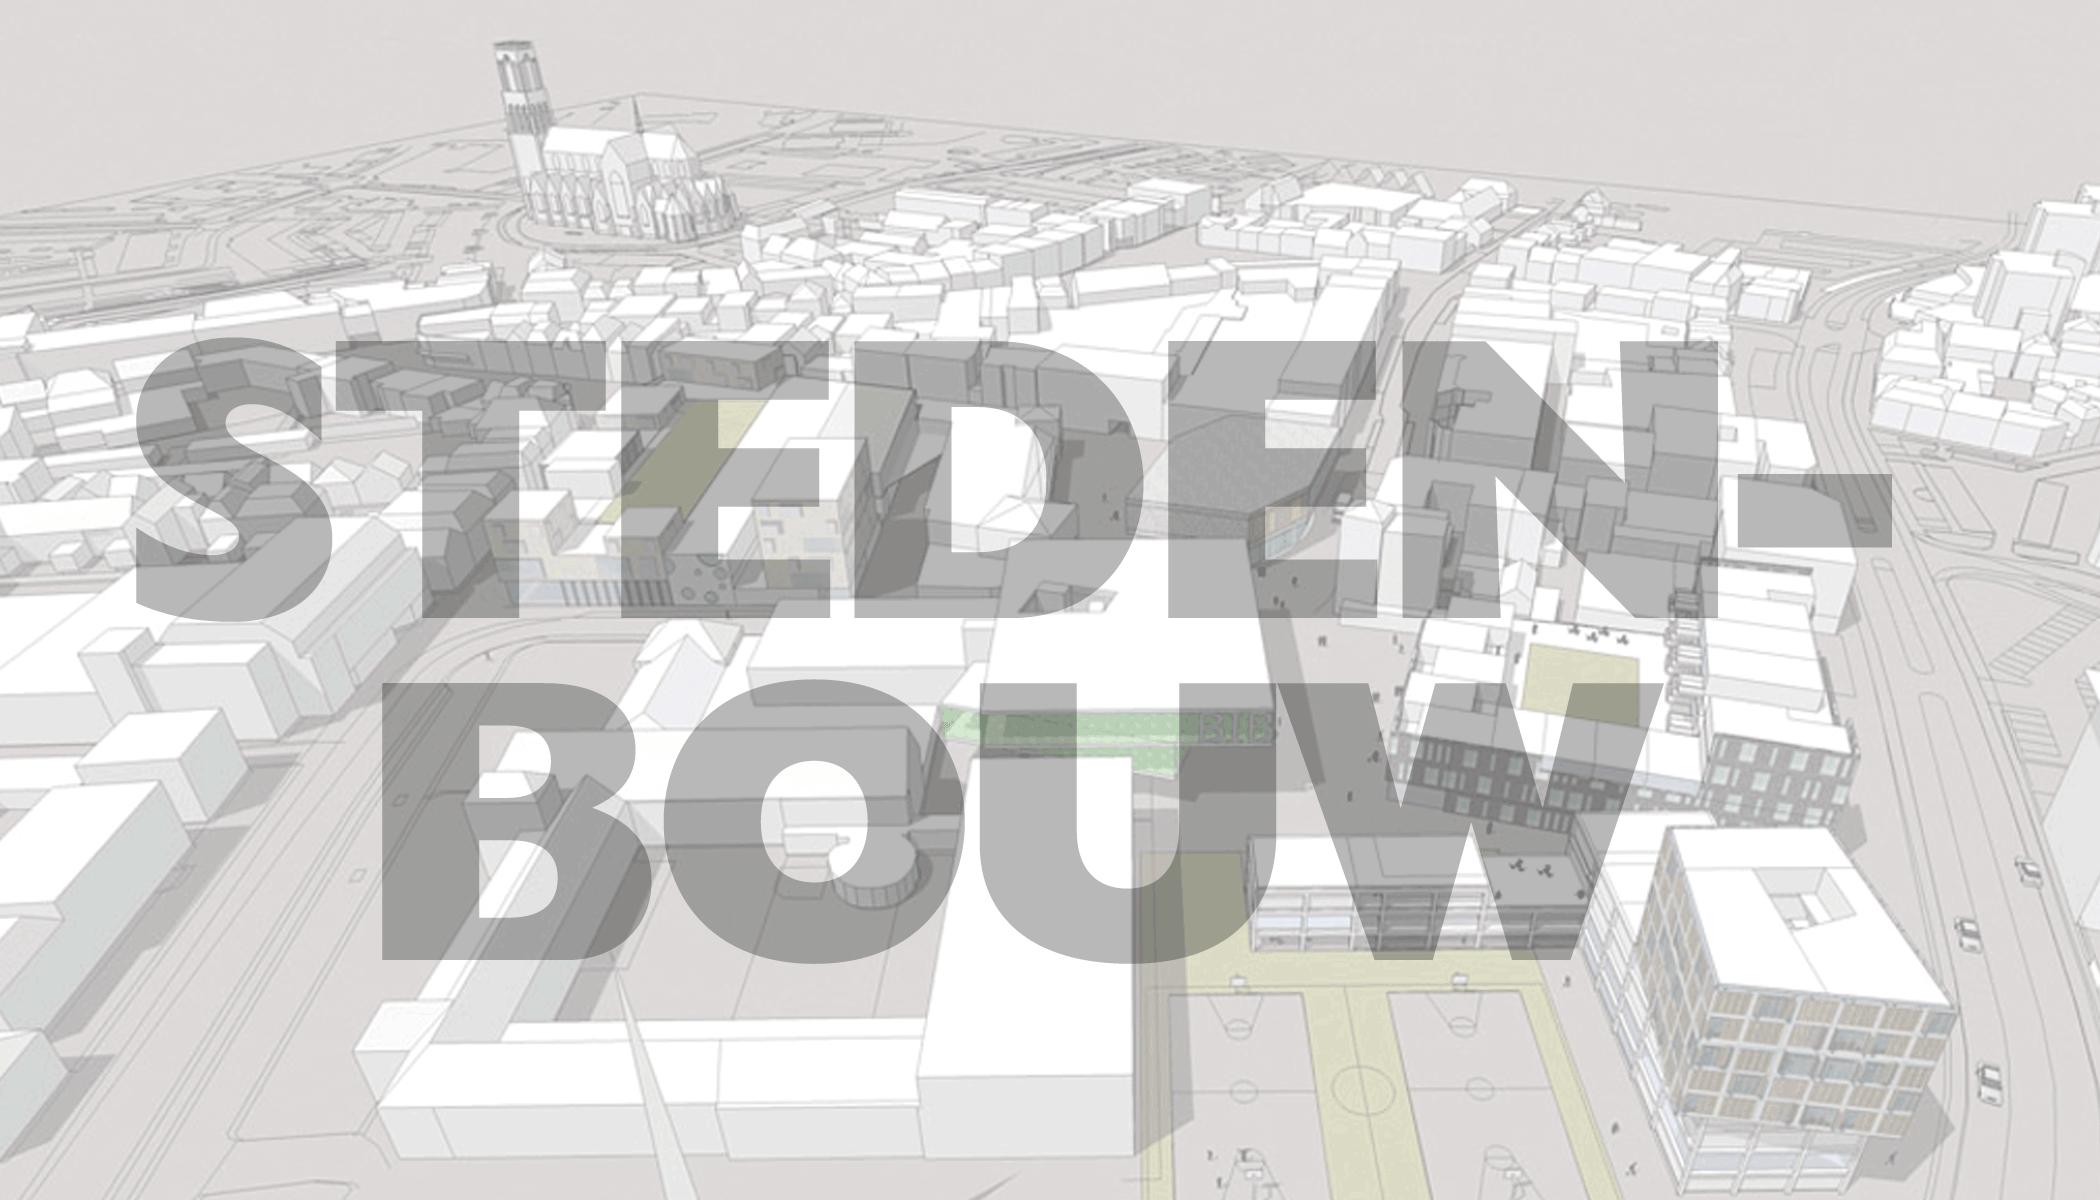 stedenbouw ontwerperskring oss